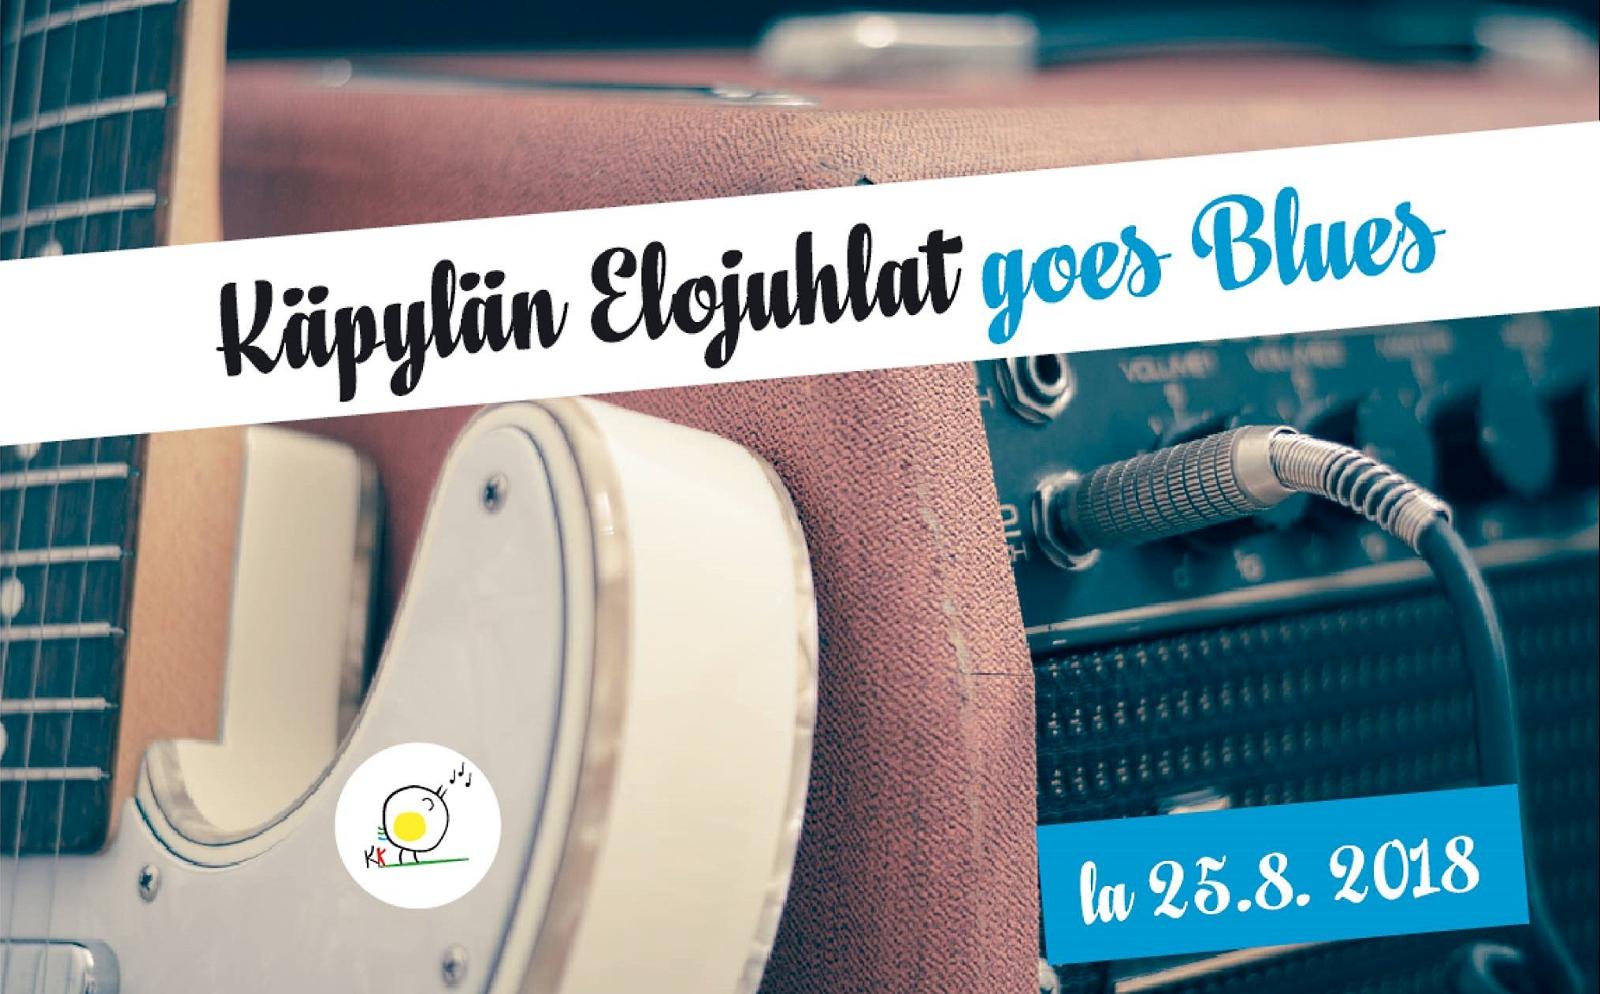 Käpylän Elojuhlat Goes Blues 25.8.2018 Meurmanin puistossa